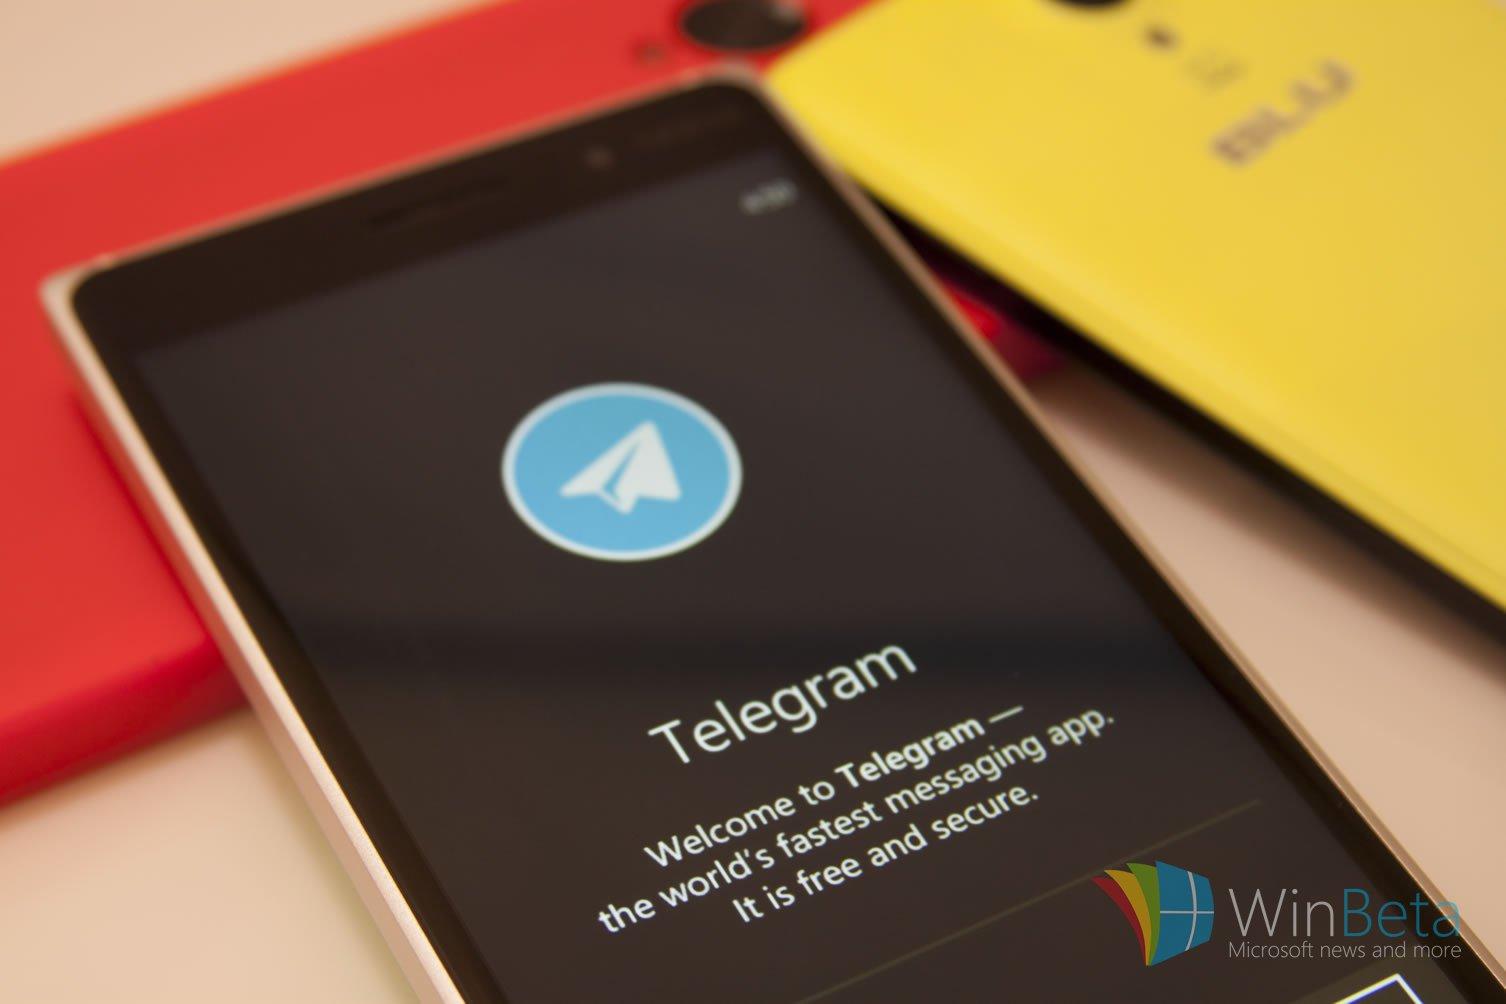 آپدیت تلگرام و فلیپ کارت برای ویندوز فون